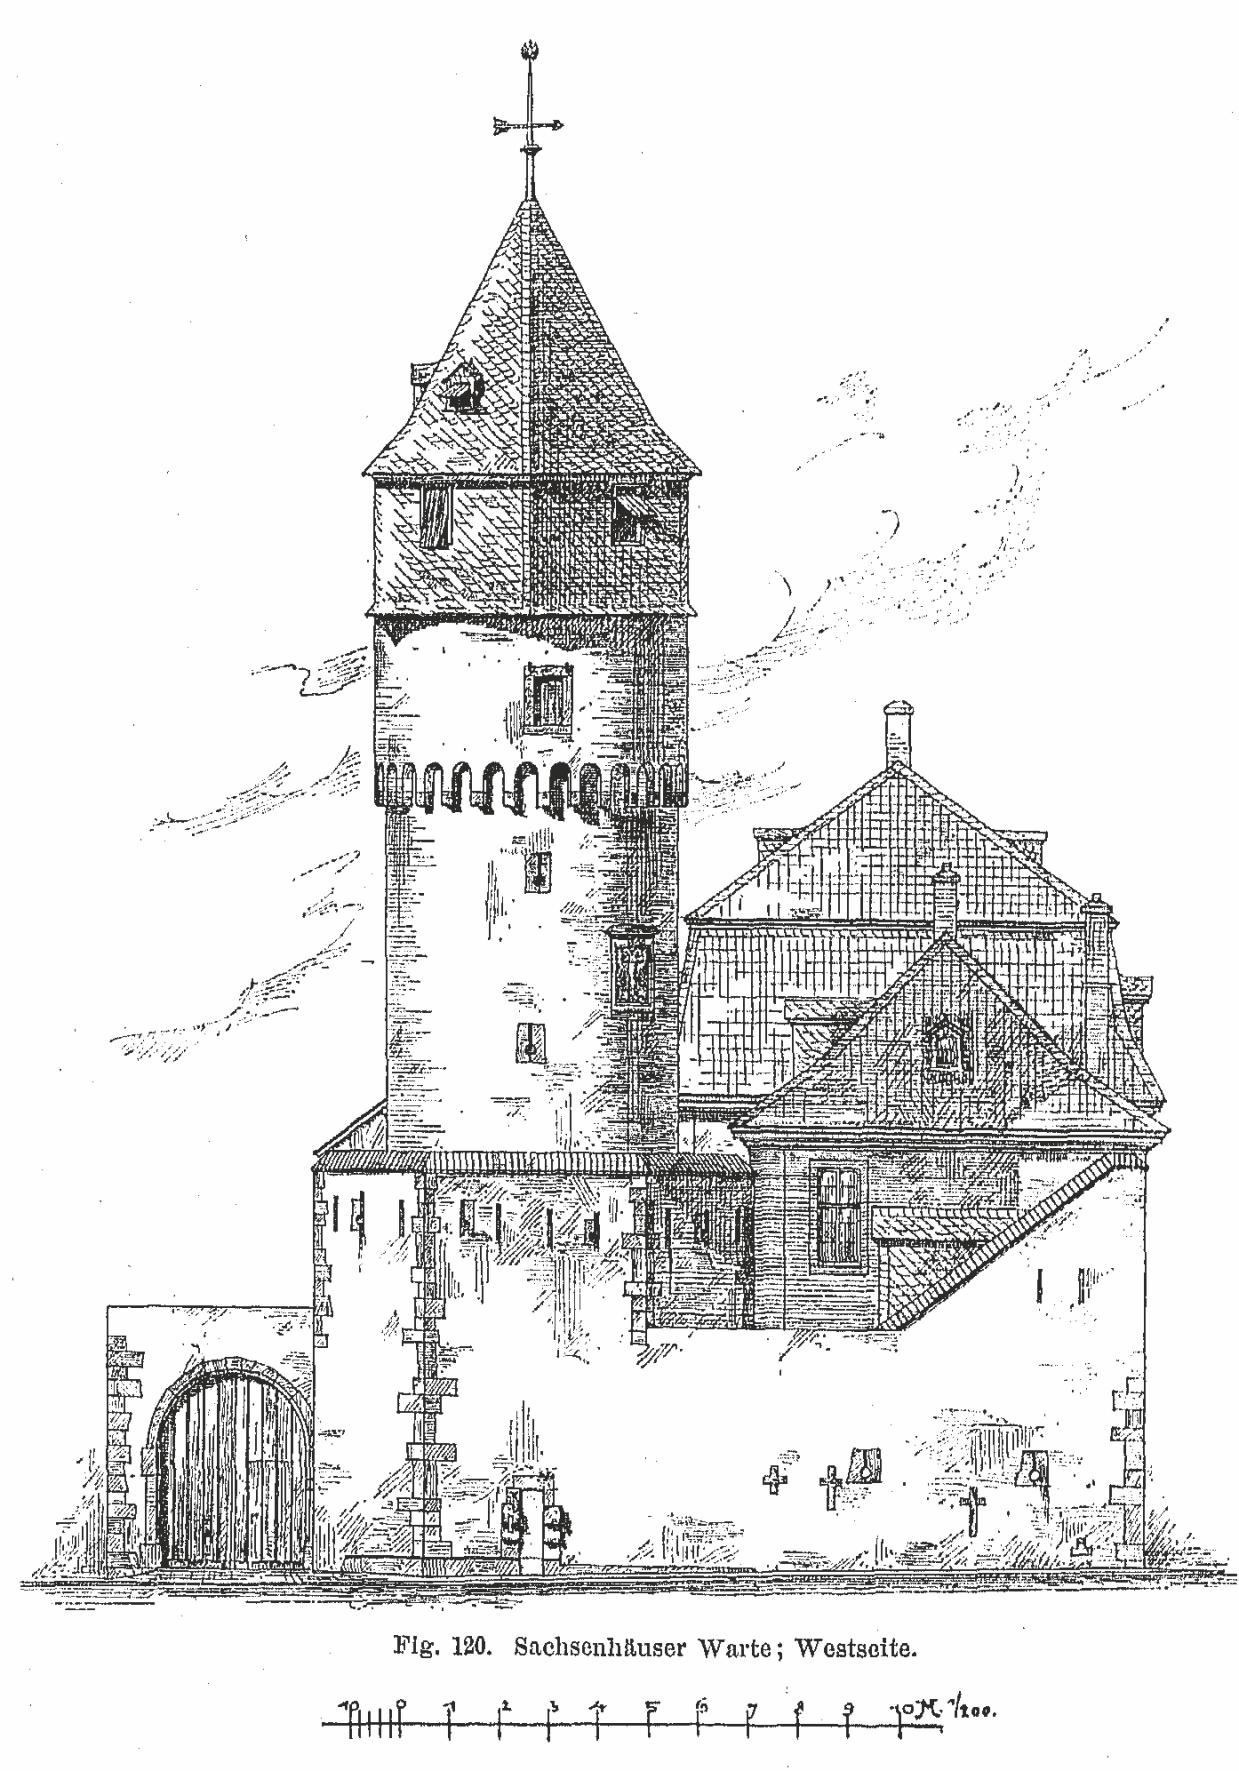 Sachsenhäuser Warte – Zeichnung2